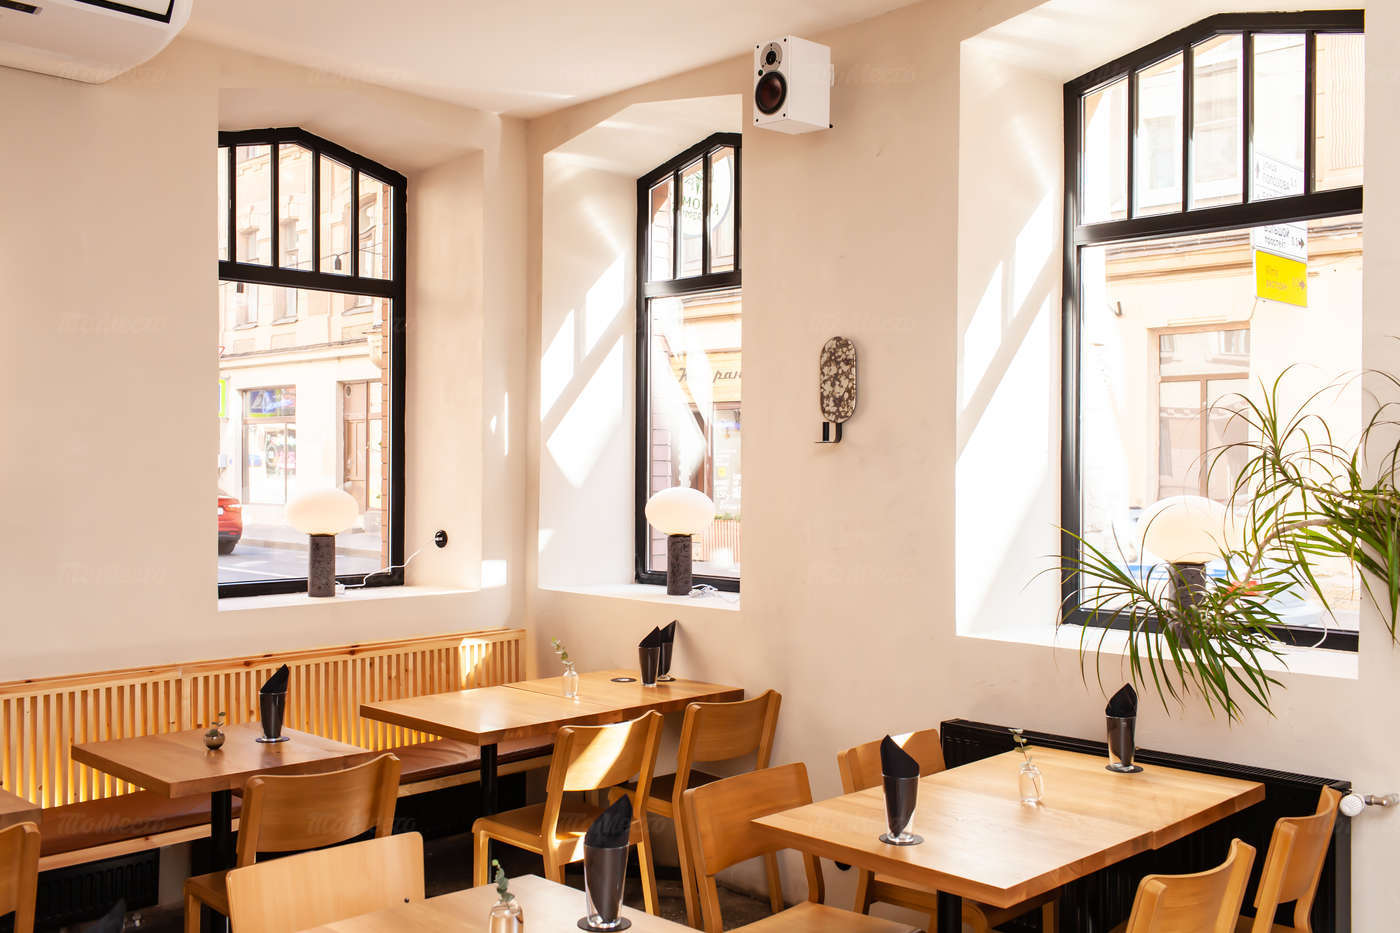 Ресторан Camorra Chimerica на Малом проспекте П.С.